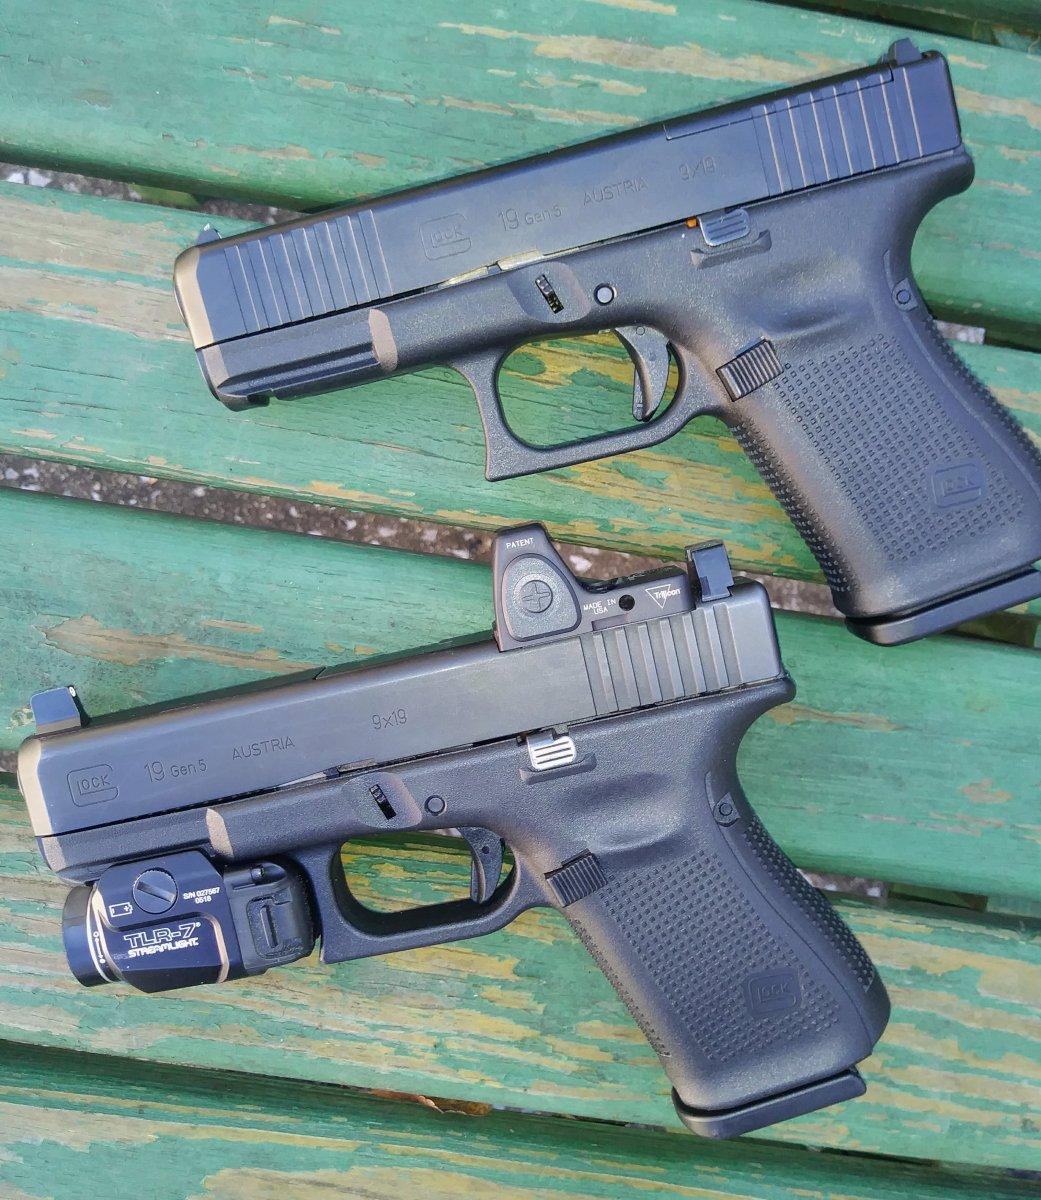 Glock 19 - Glock 19 Gen 5 MOS FS | Page 5 | The Leading